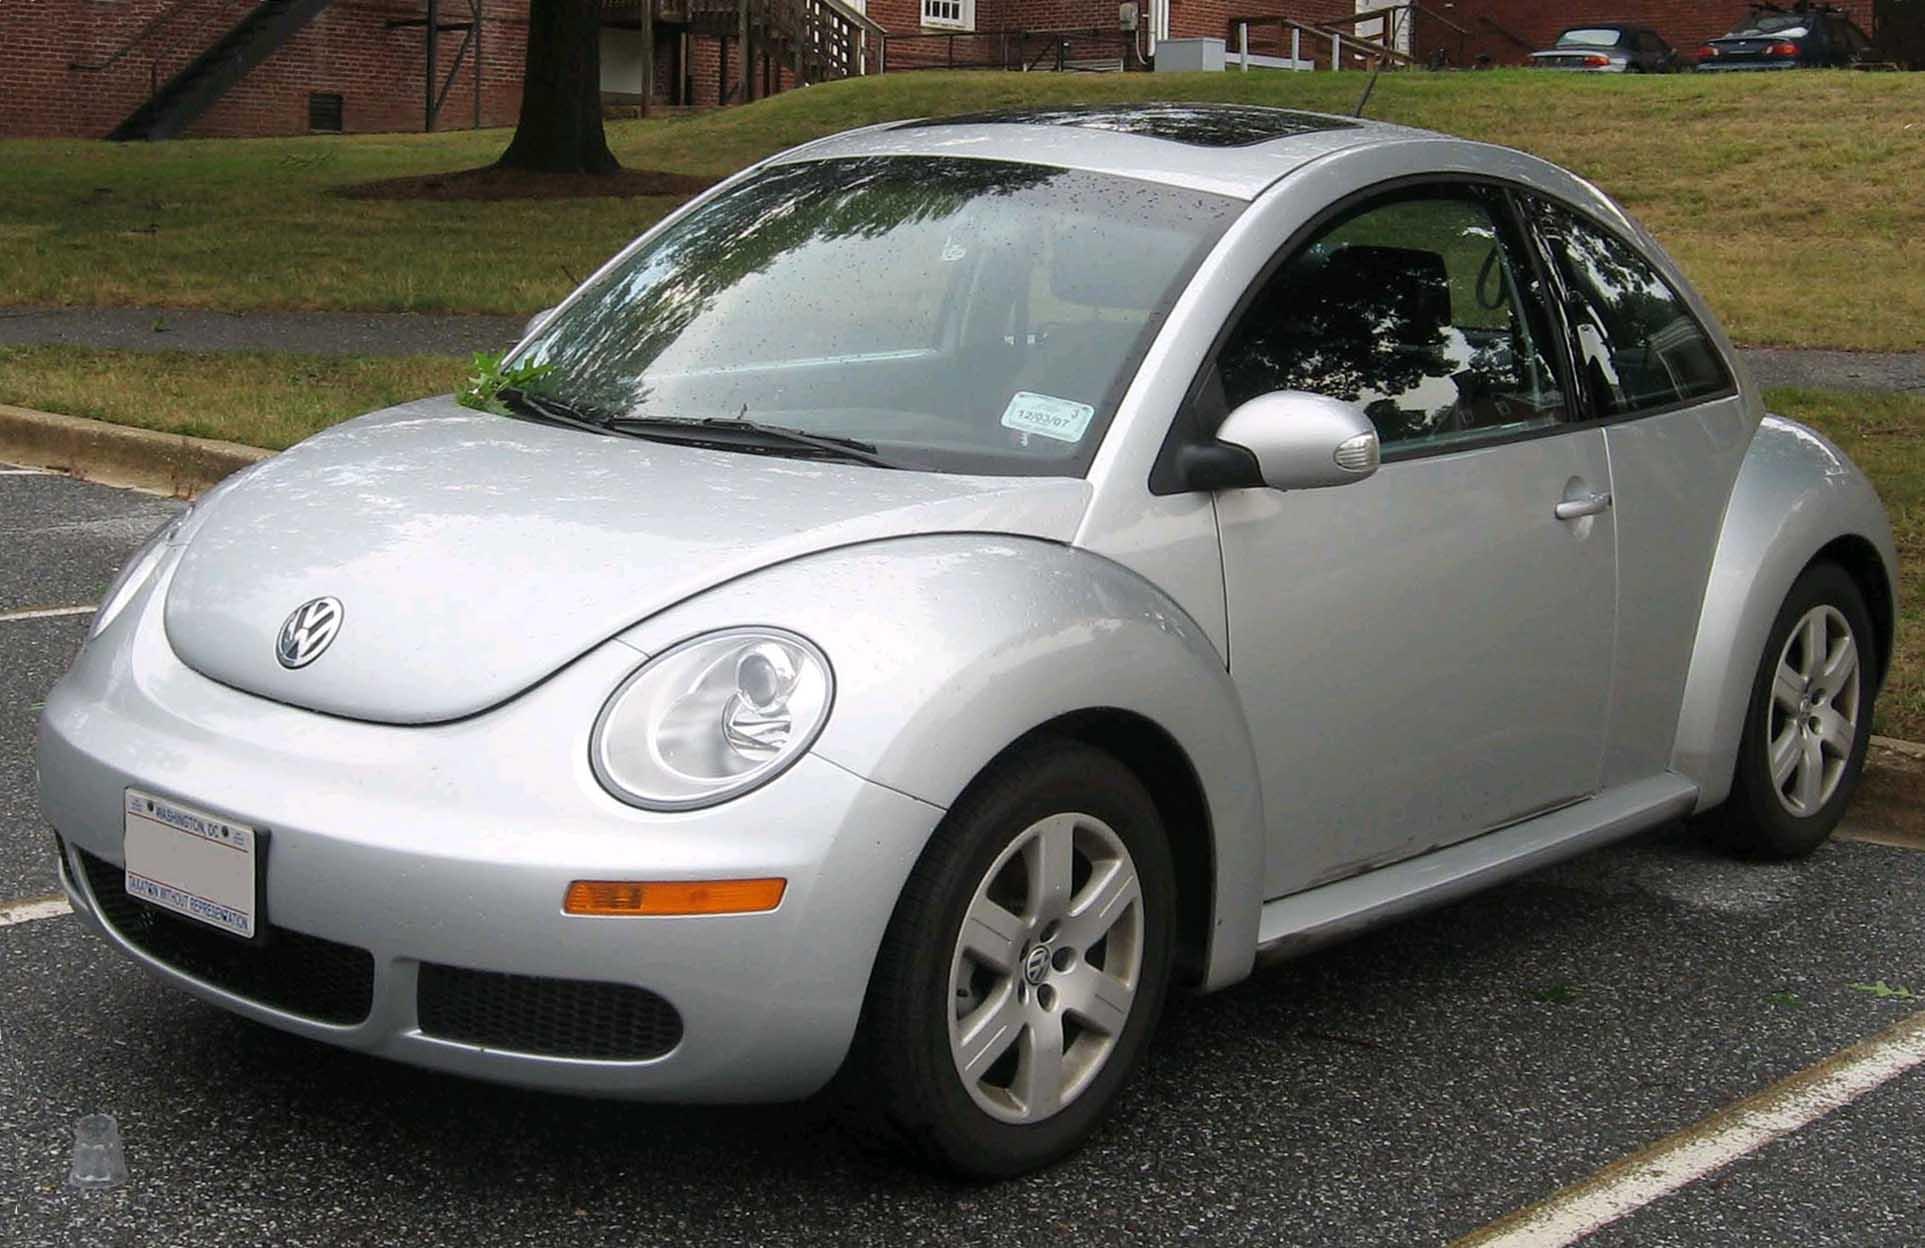 Volkswagen Beetle Wallpapers Hq